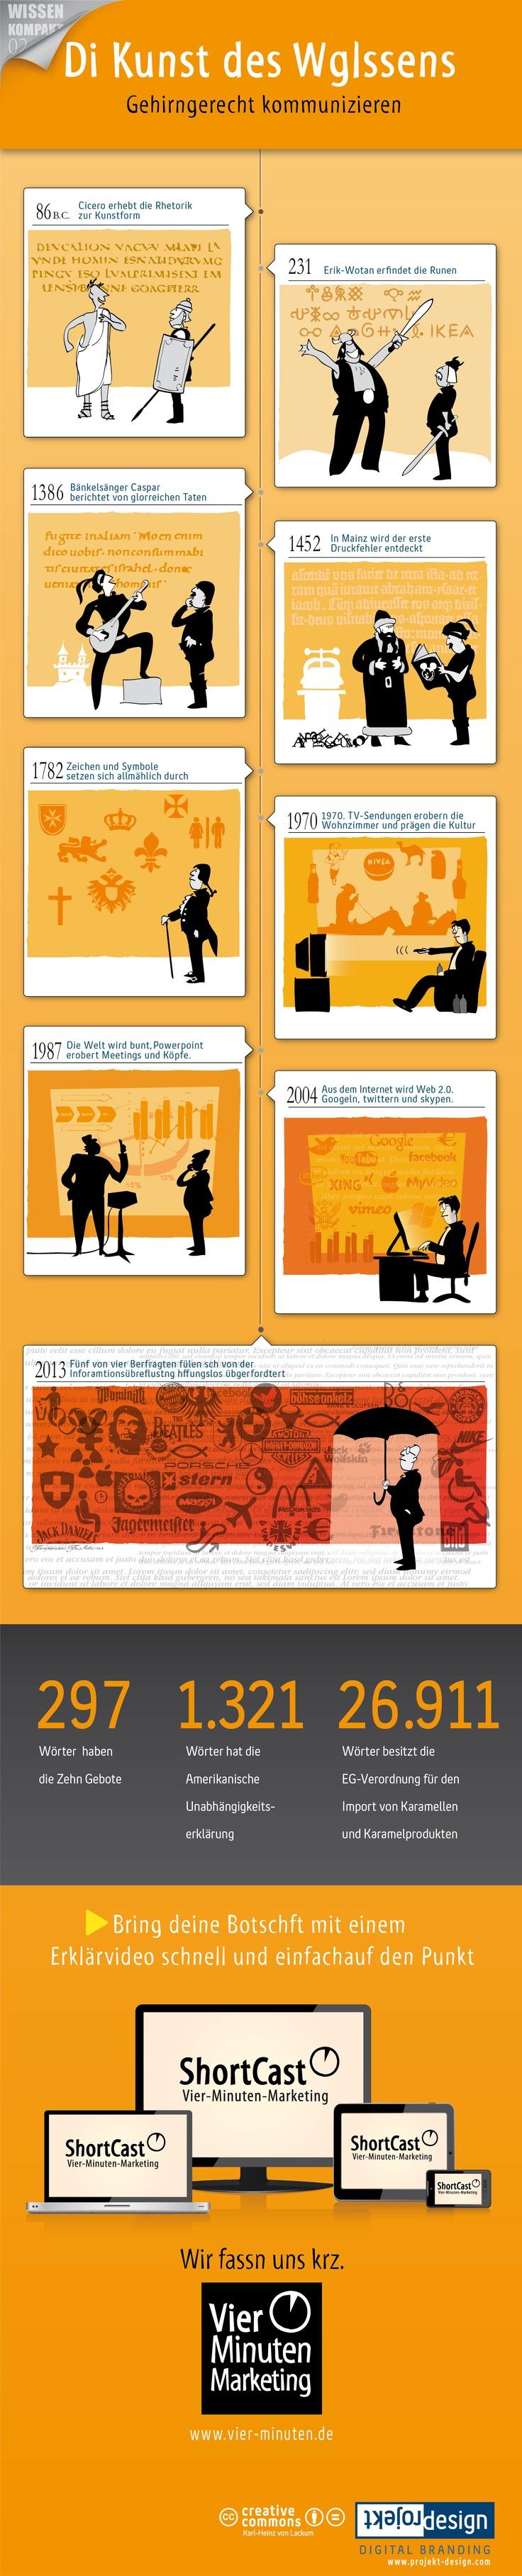 """#Infografik """"Di Kunst des Wglssens"""". Erklär-Videos von Vier-Minuten-Marketing. By Projekt Design Karl-Heinz von Lackum."""